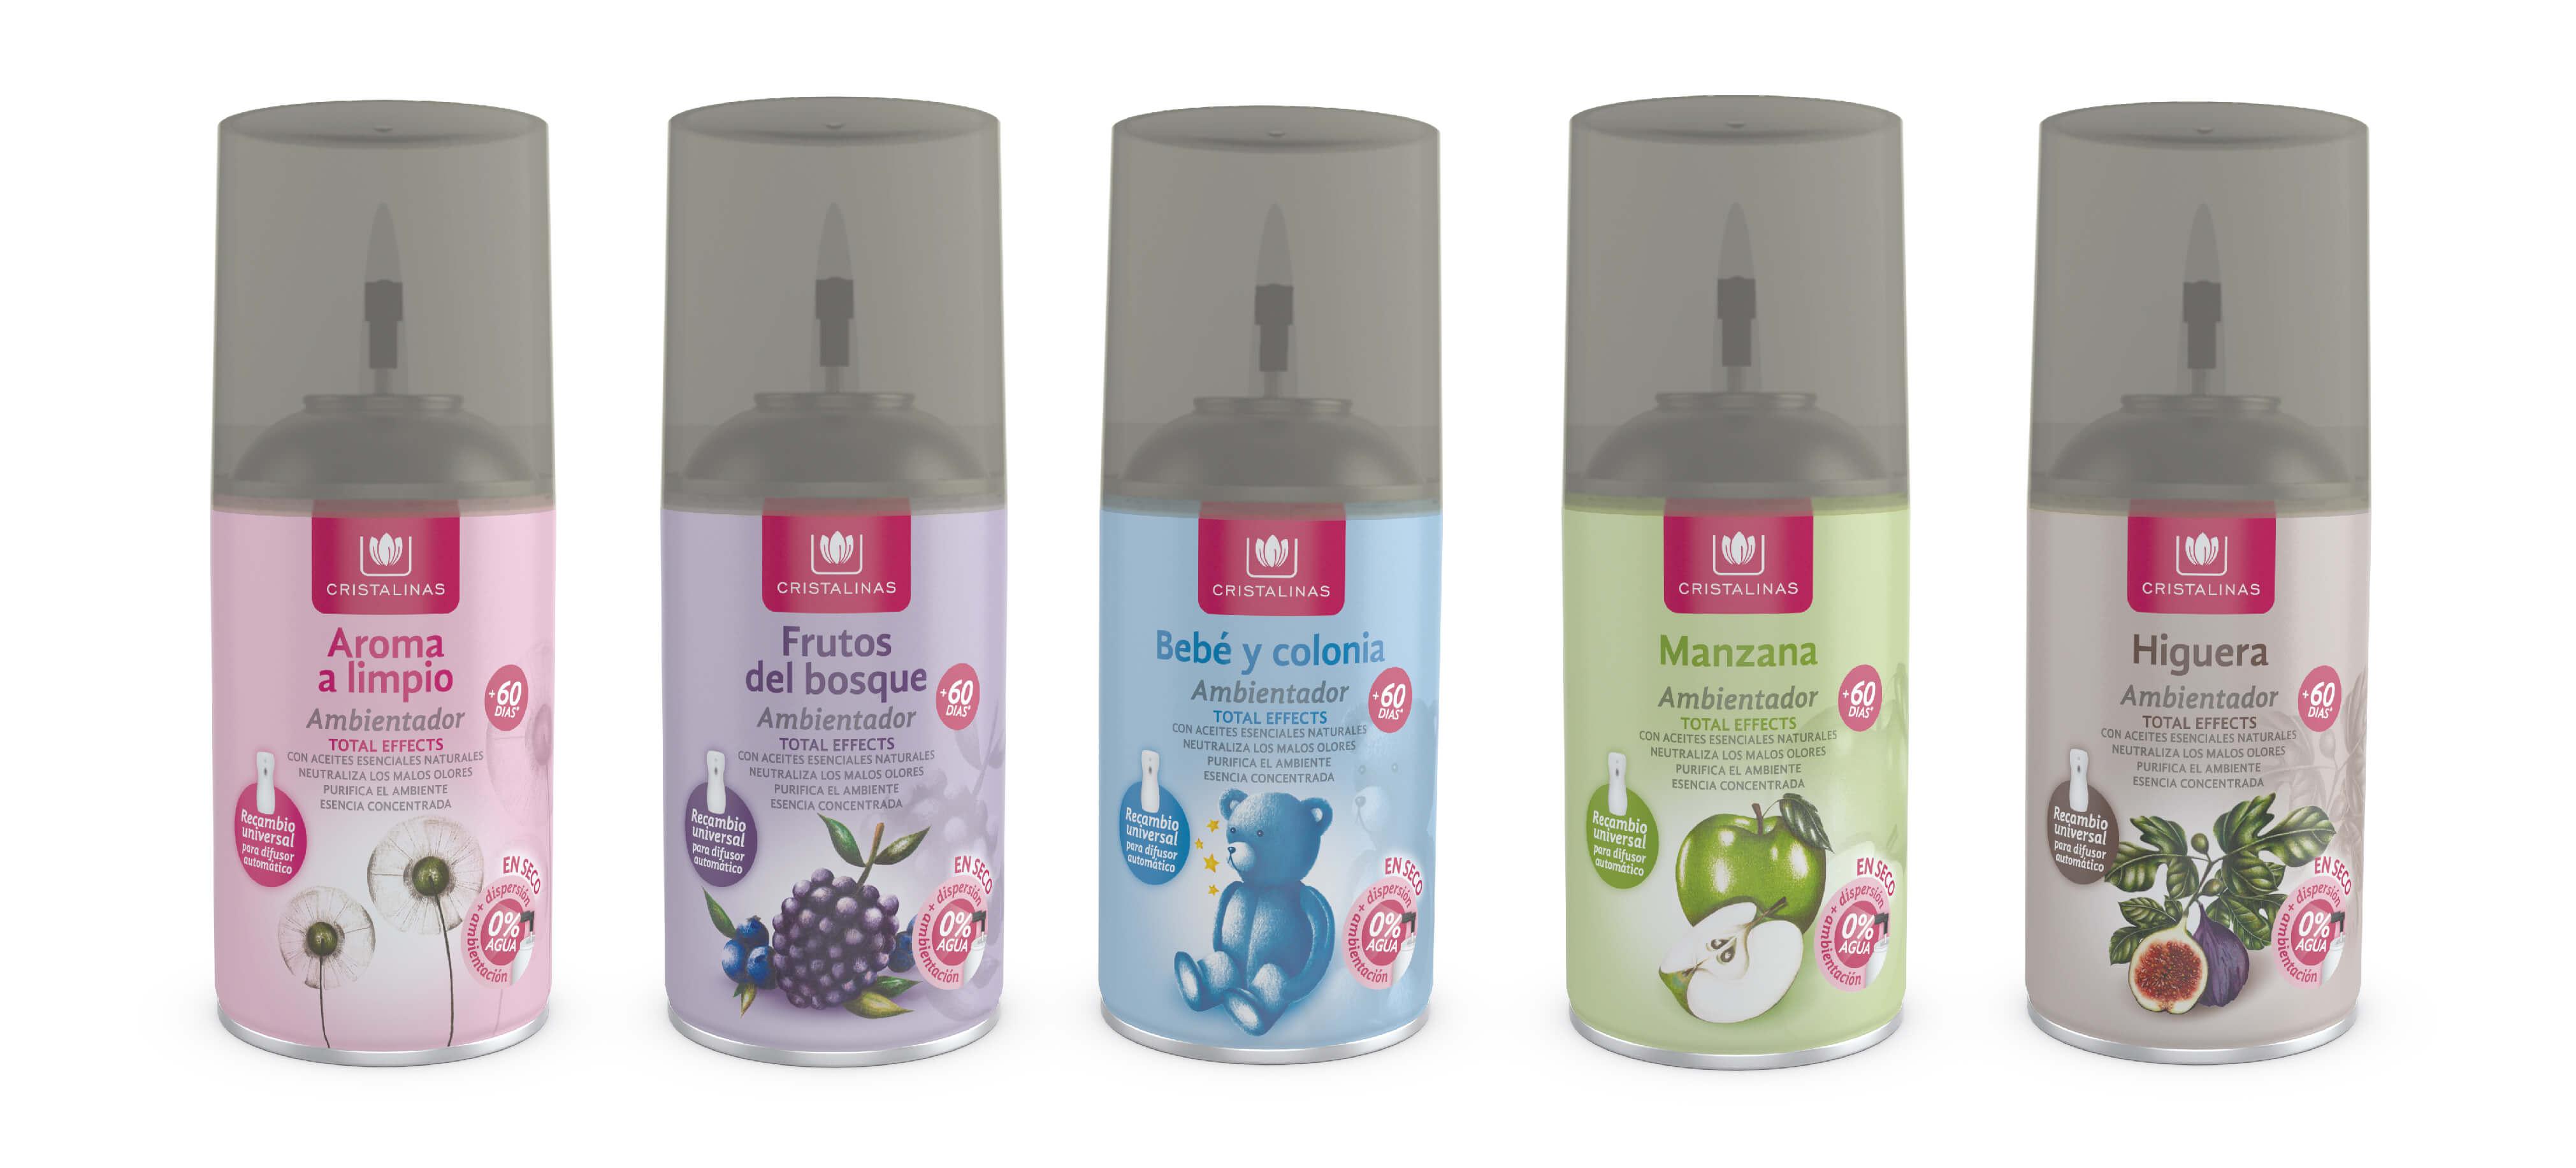 Compra tu Recarga Ambientador Automático 250 ml en tu aroma preferido en Cristalinas